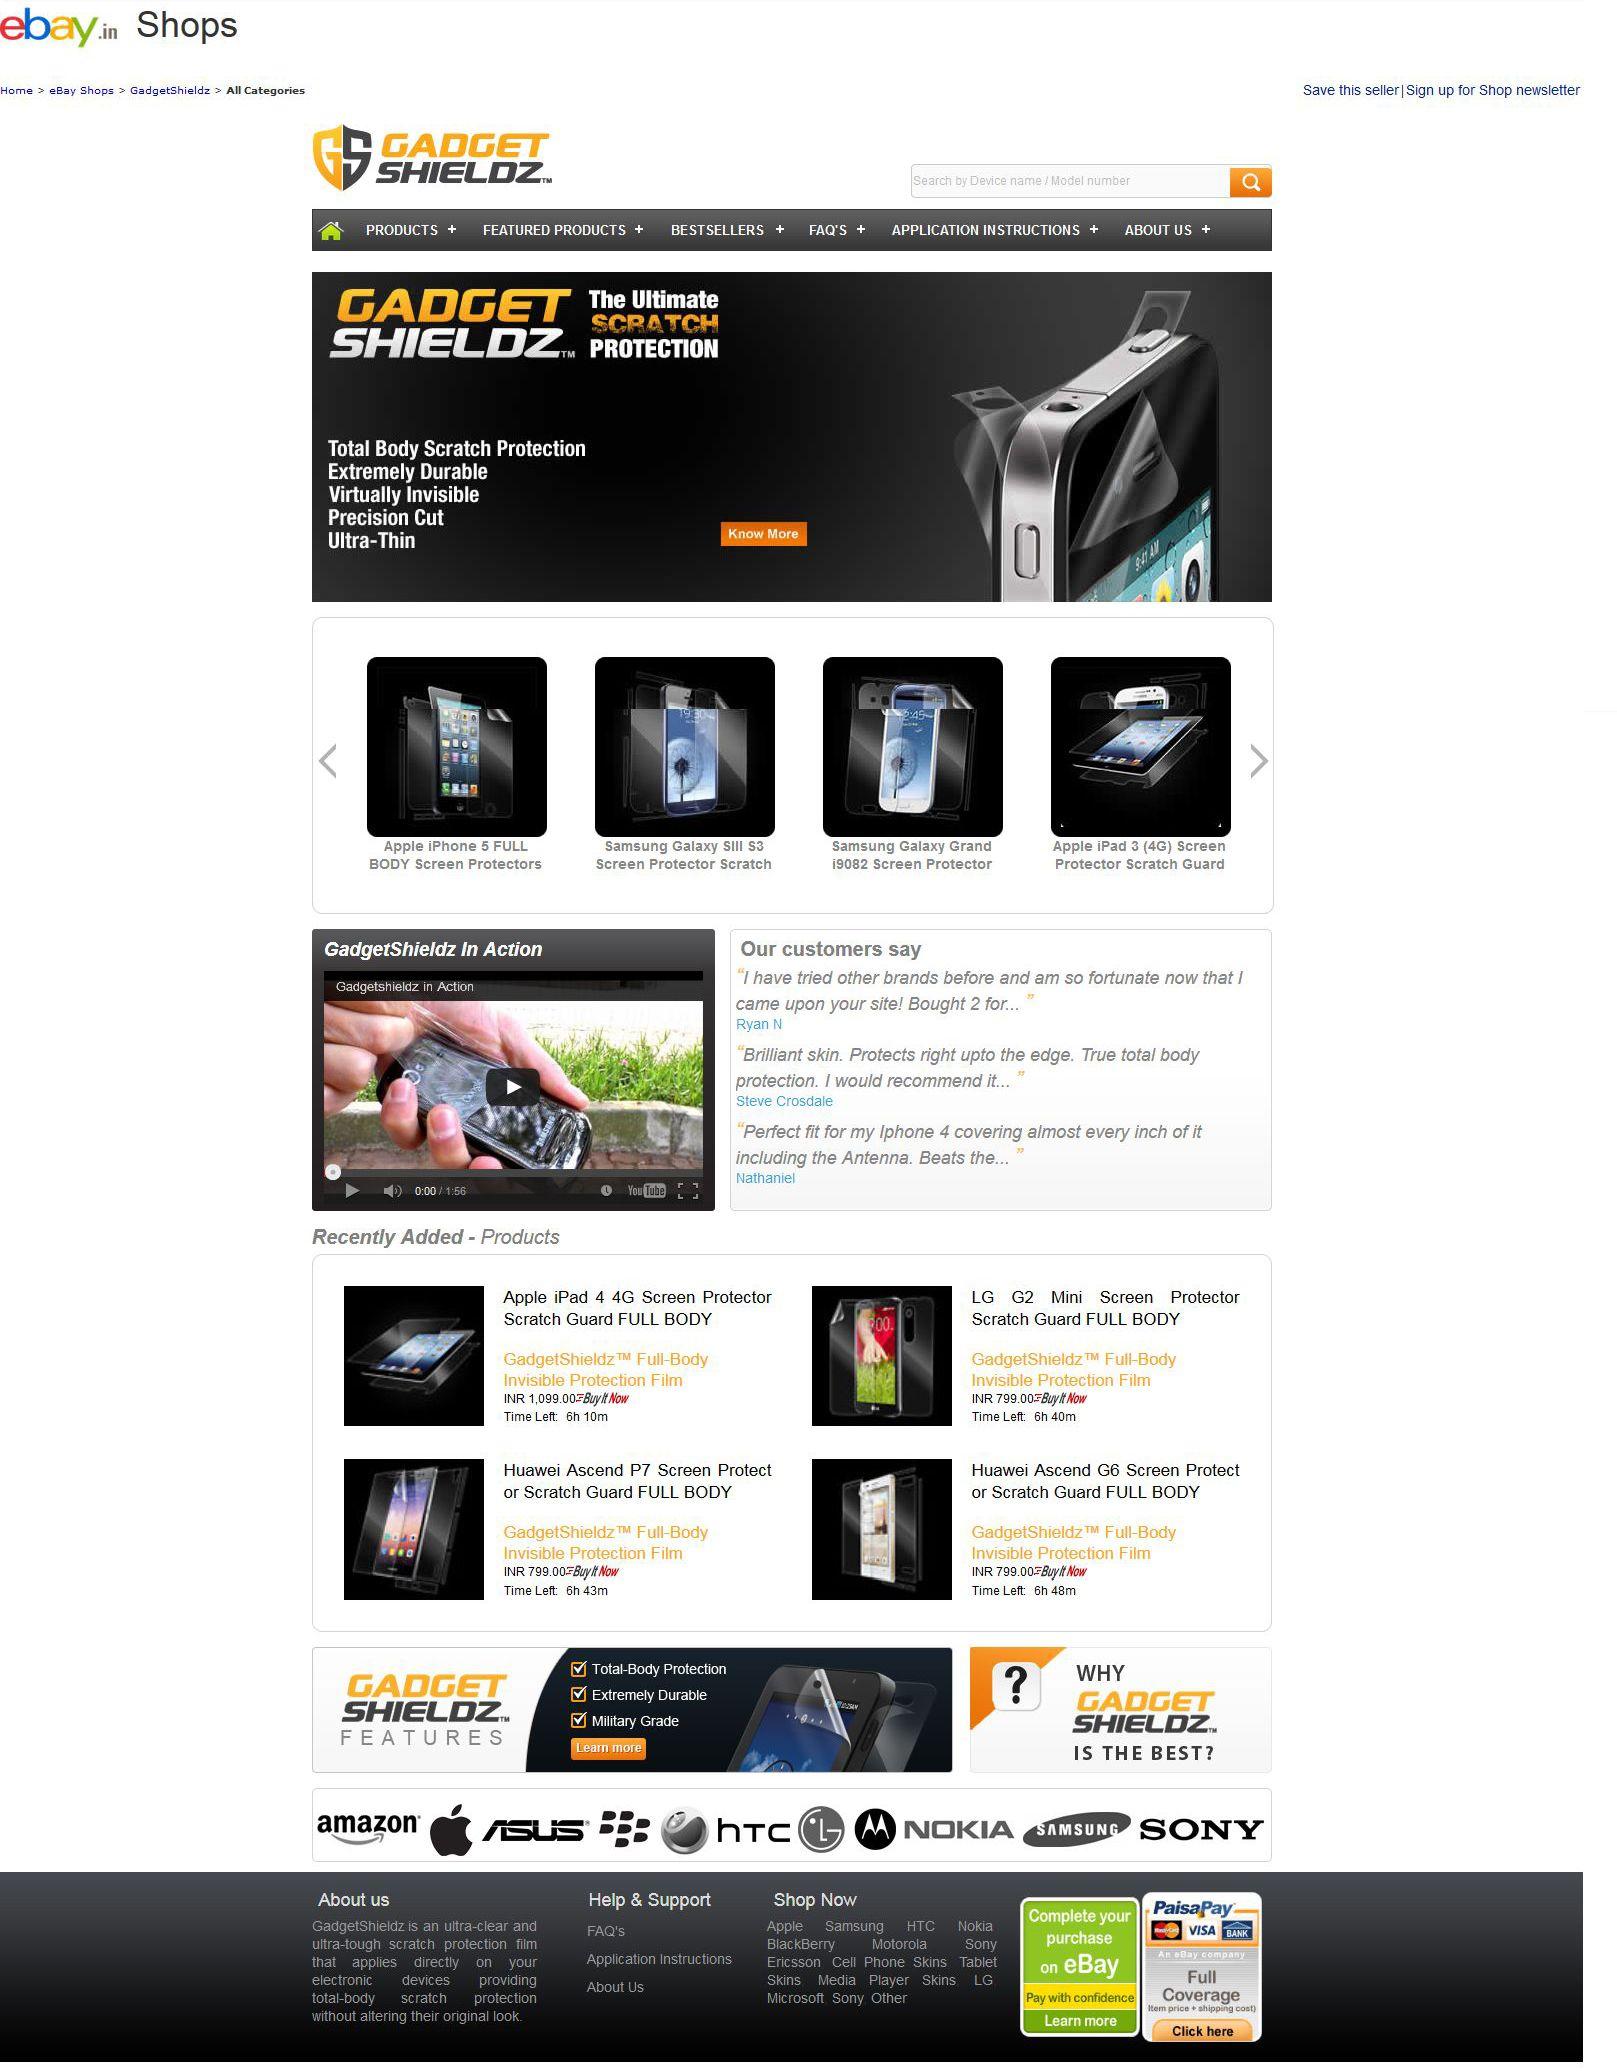 http://stores.ebay.in/gadgetshieldz